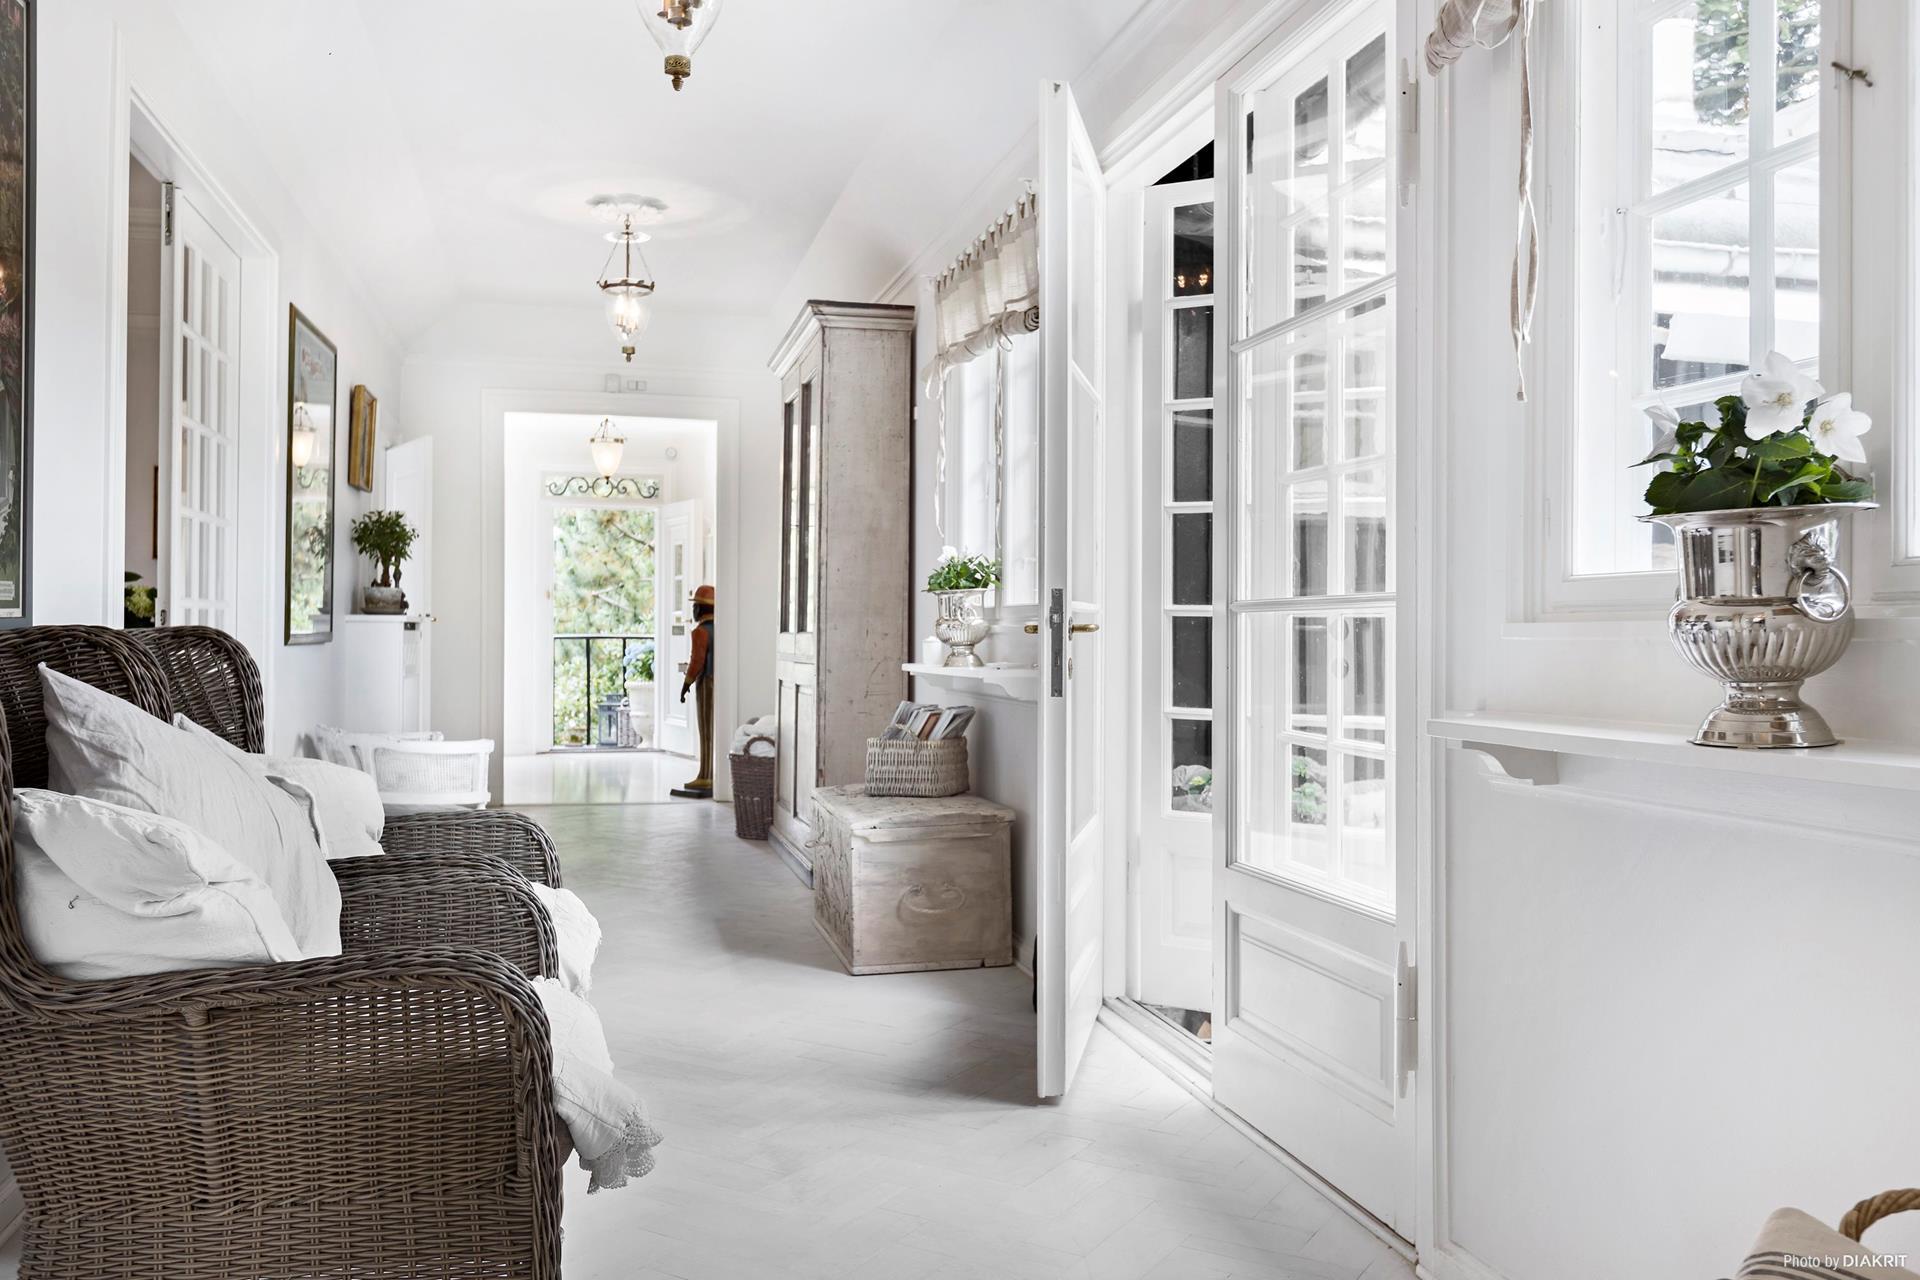 французские двери коридор плетёная мебель